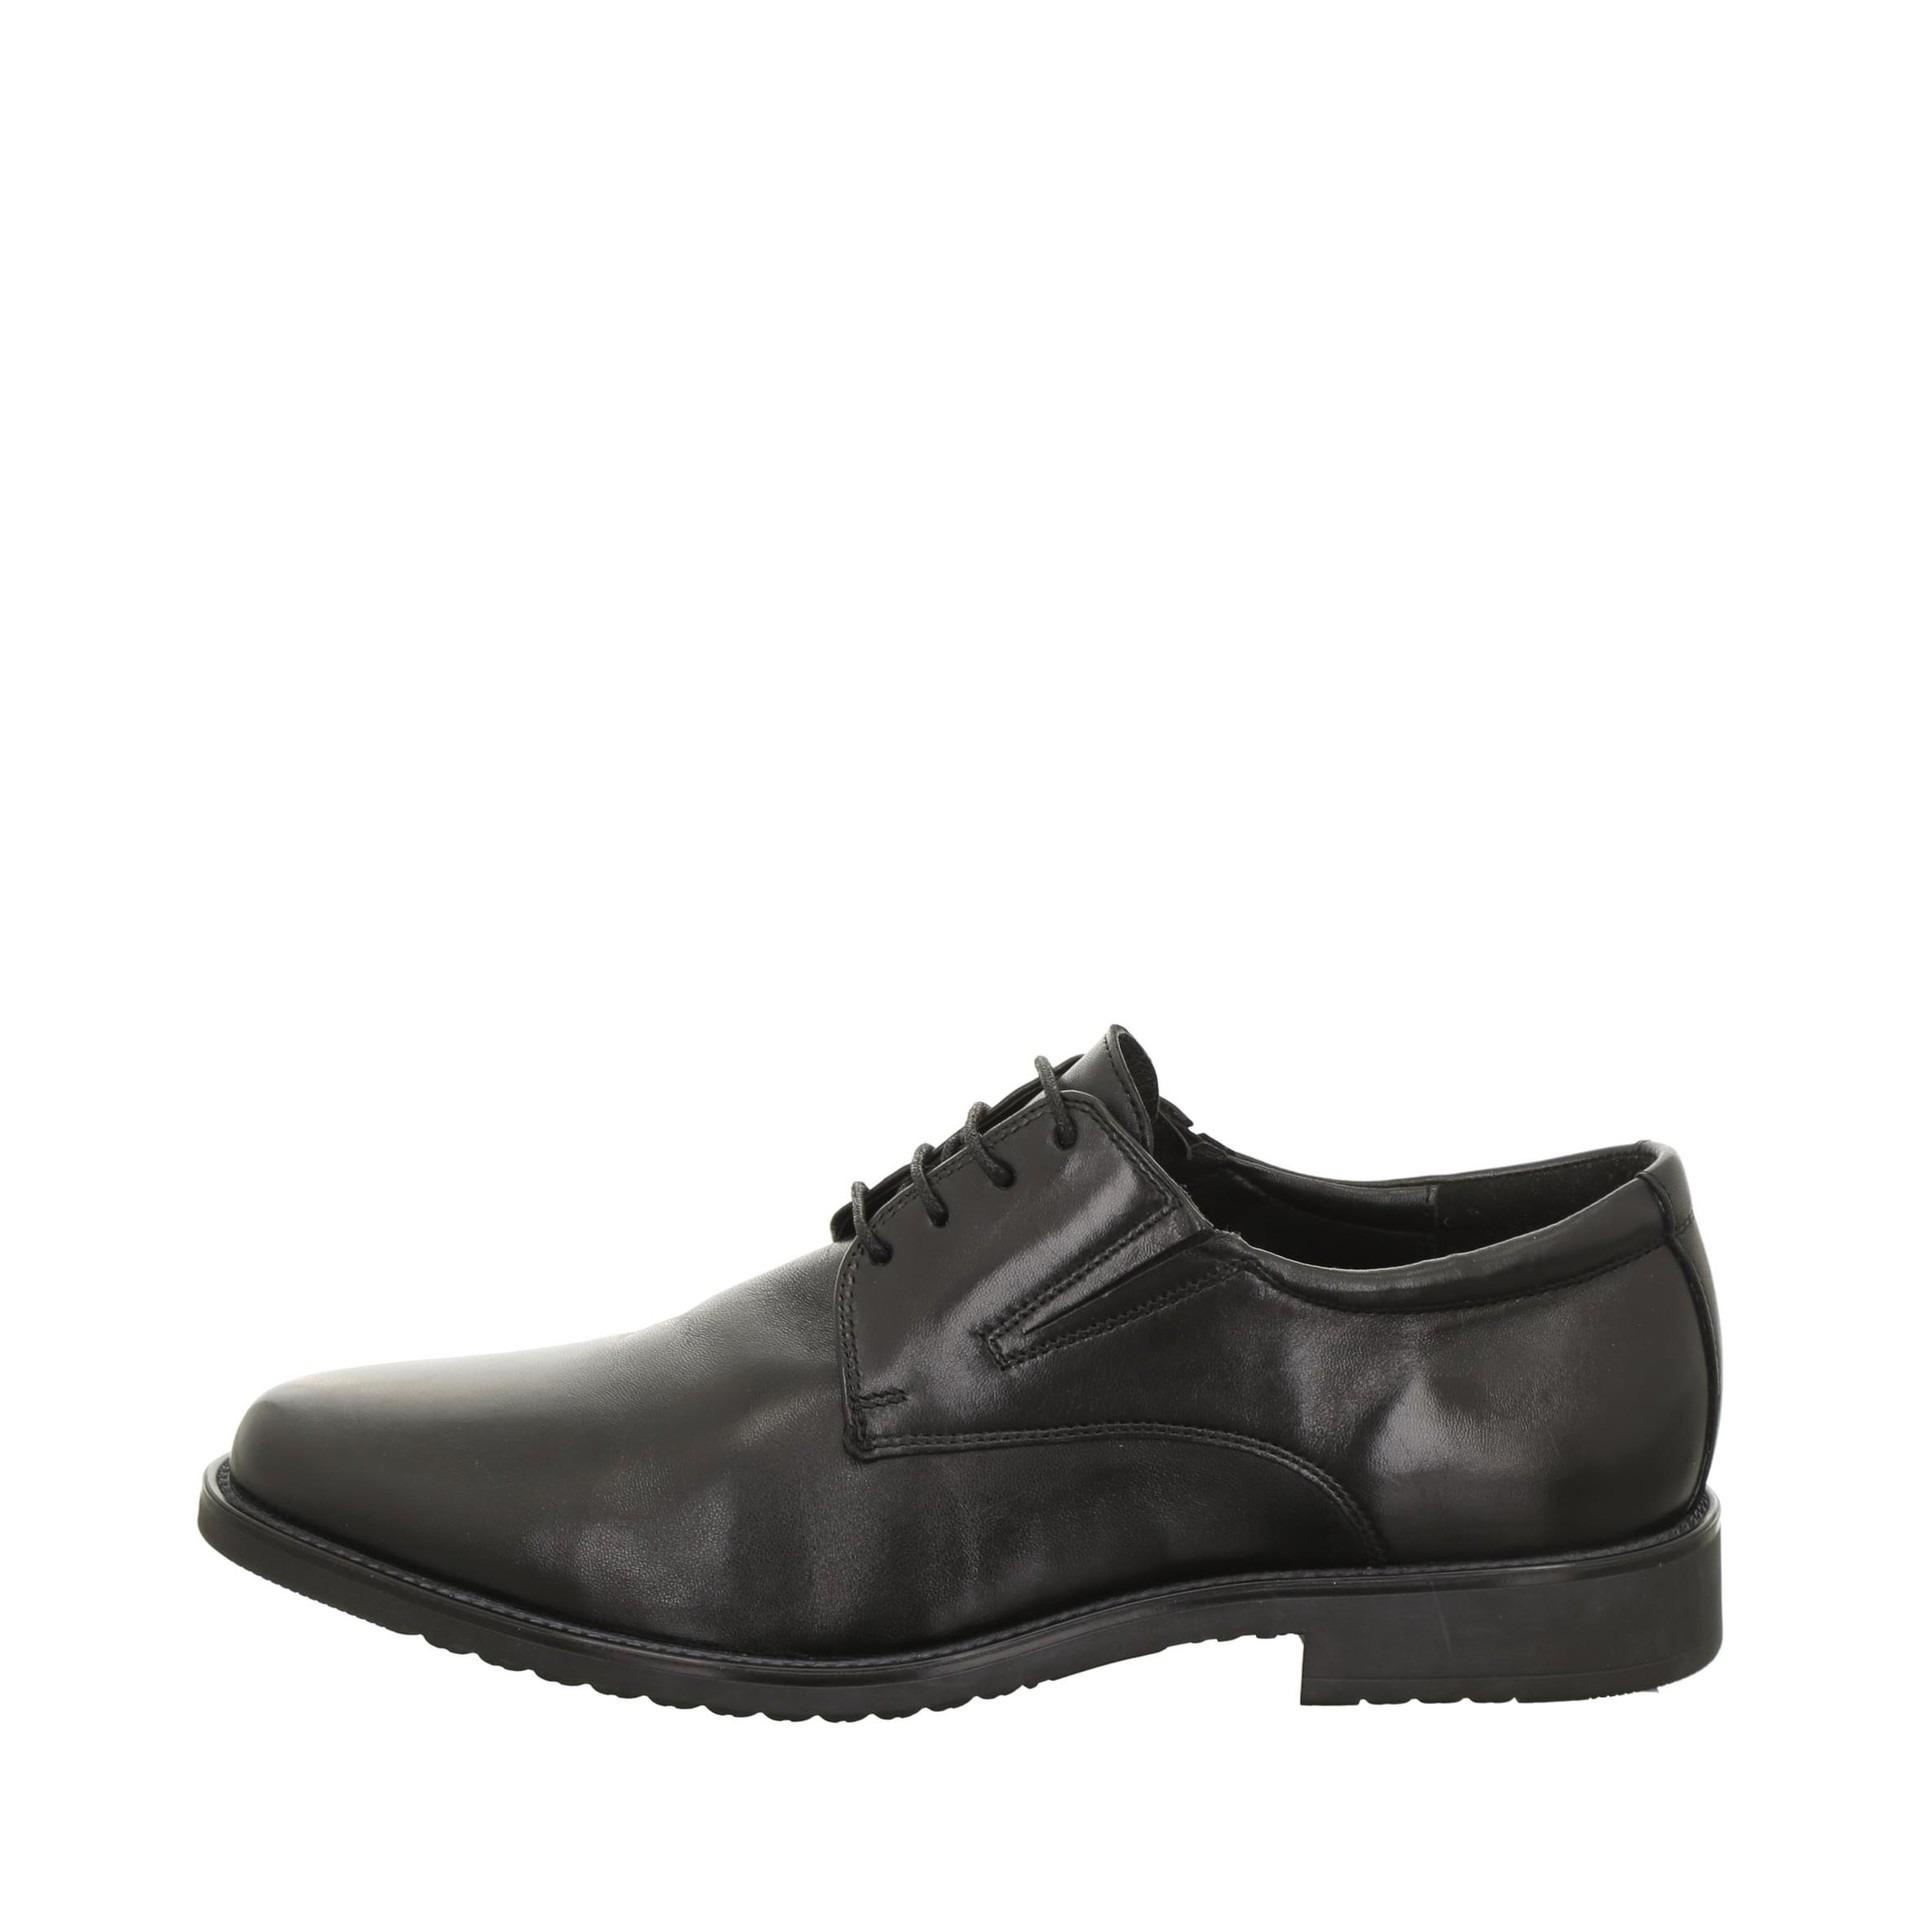 b23214c5b2 Soňa - Pánska obuv - Poltopánky - Kožená čierna šnurovacia obuv